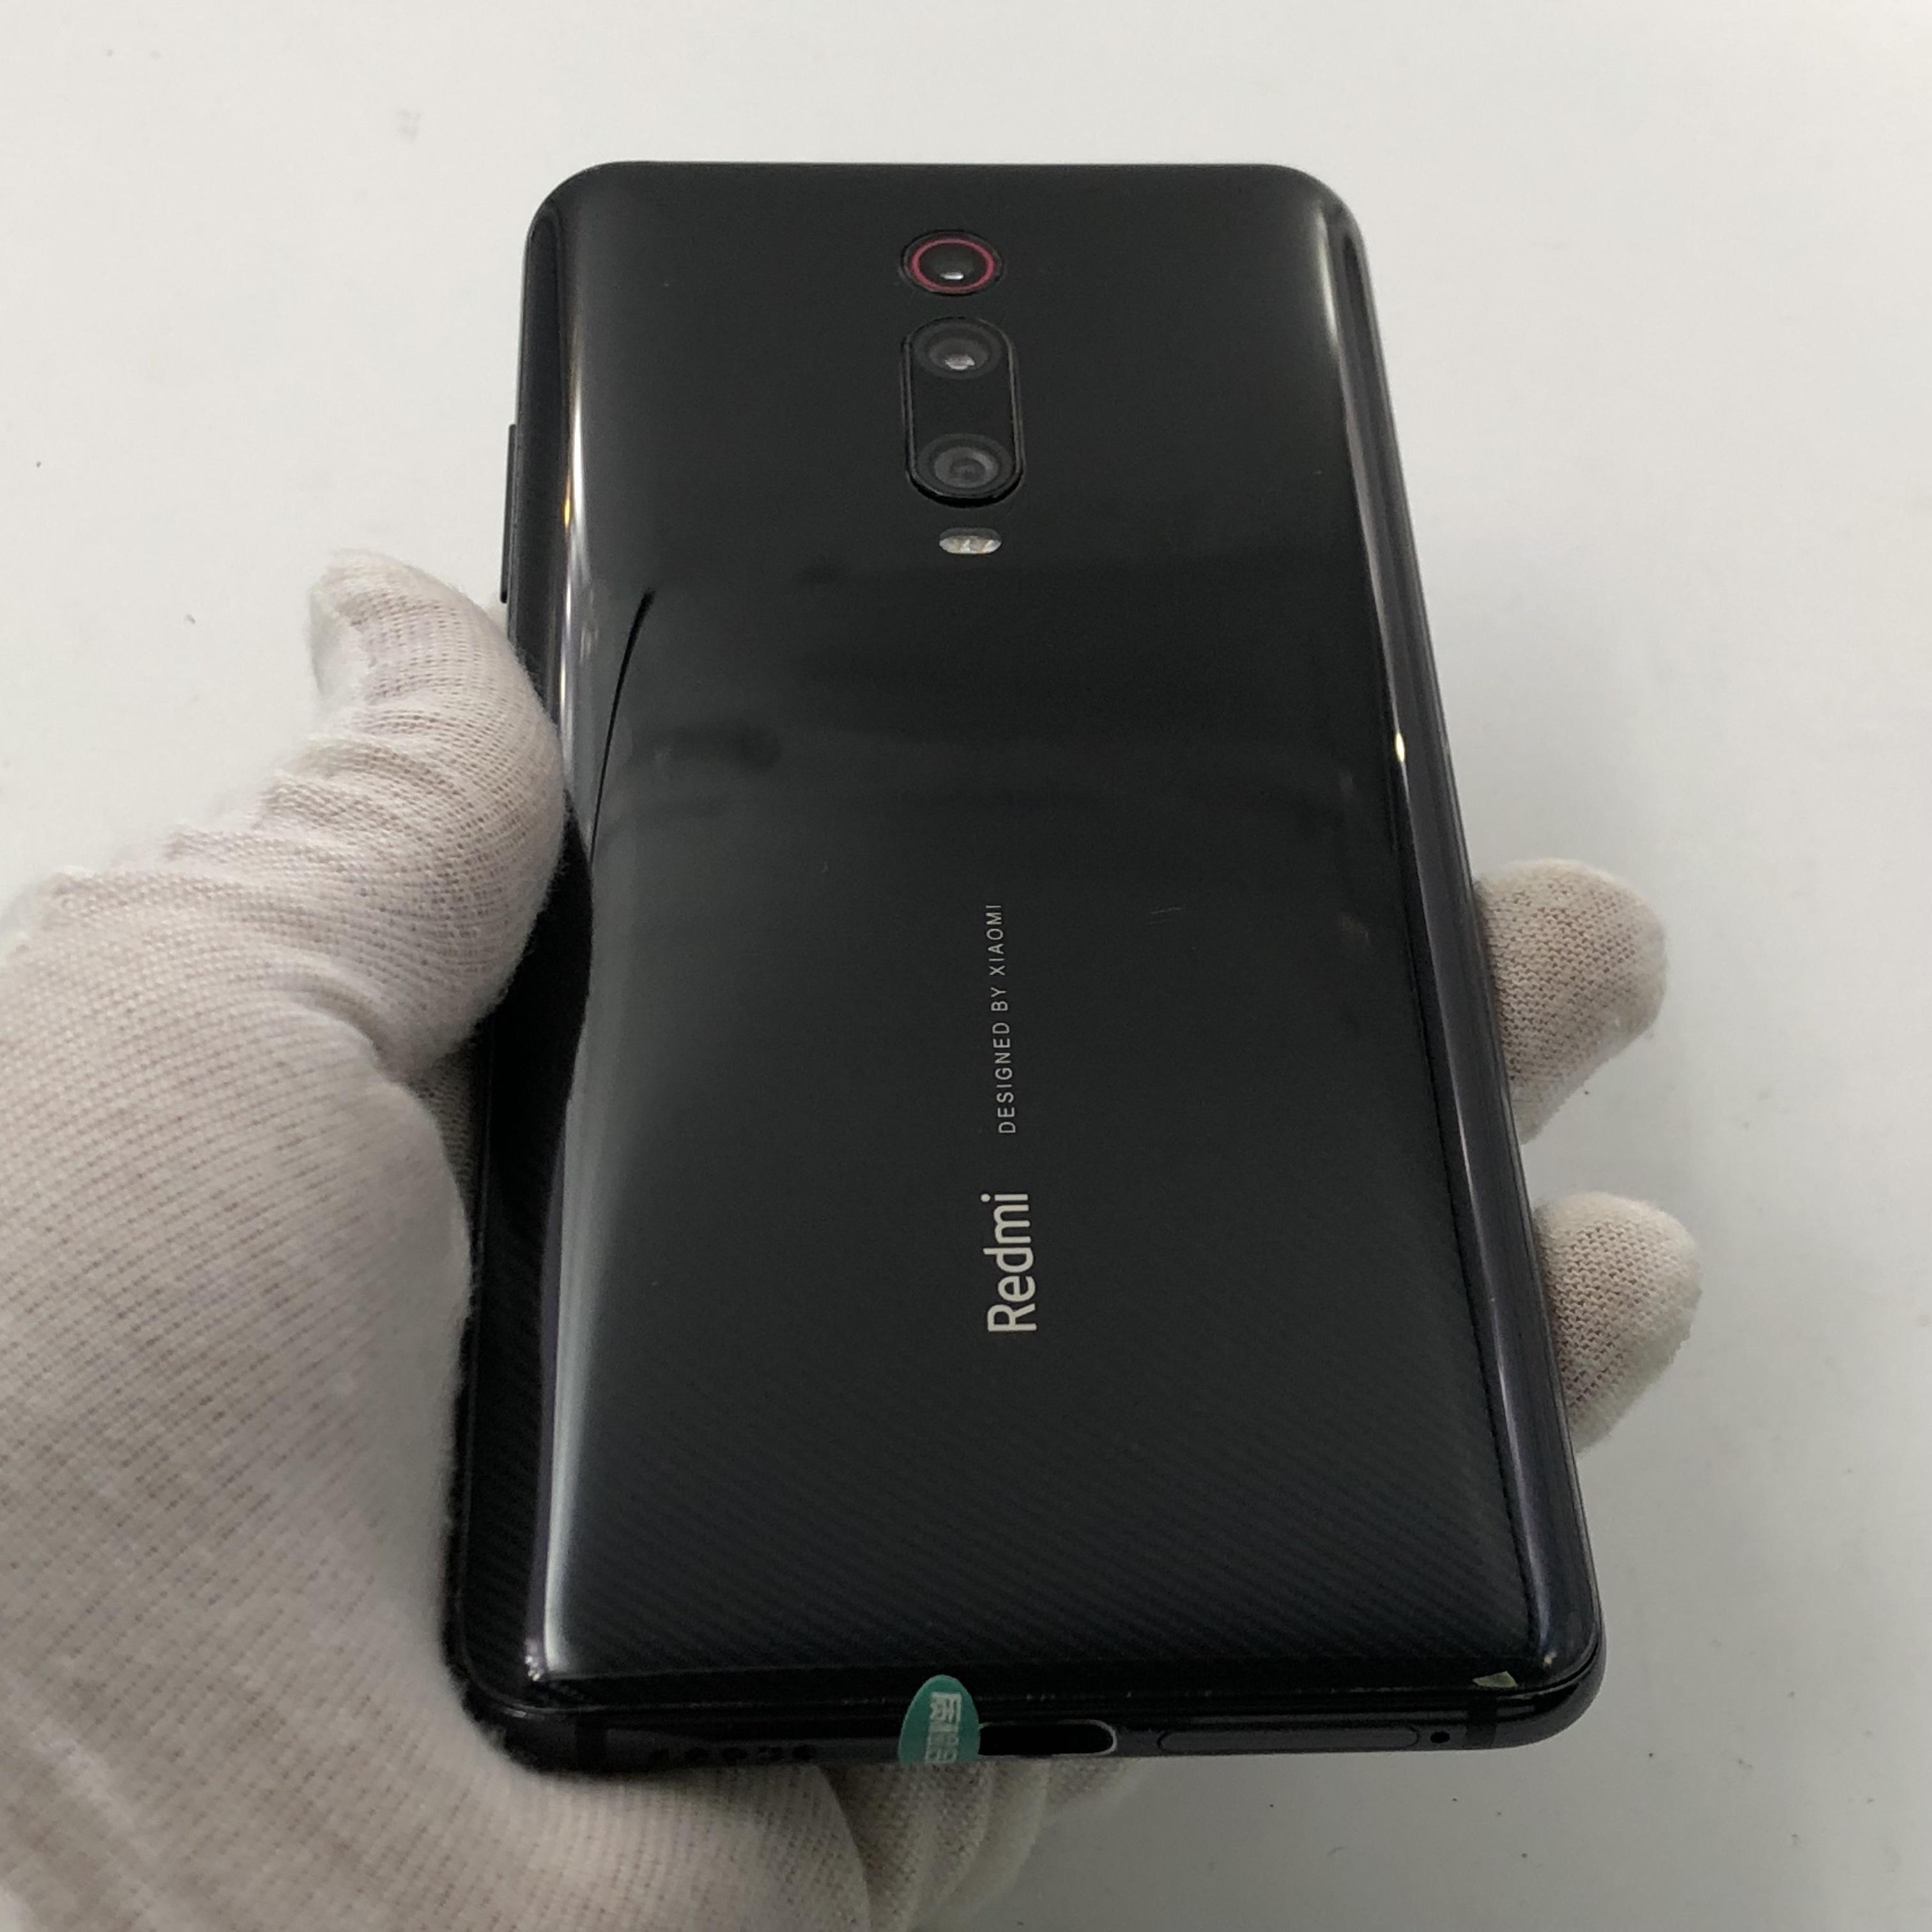 小米【Redmi K20 Pro】4G全网通 黑色 8G/256G 国行 9成新